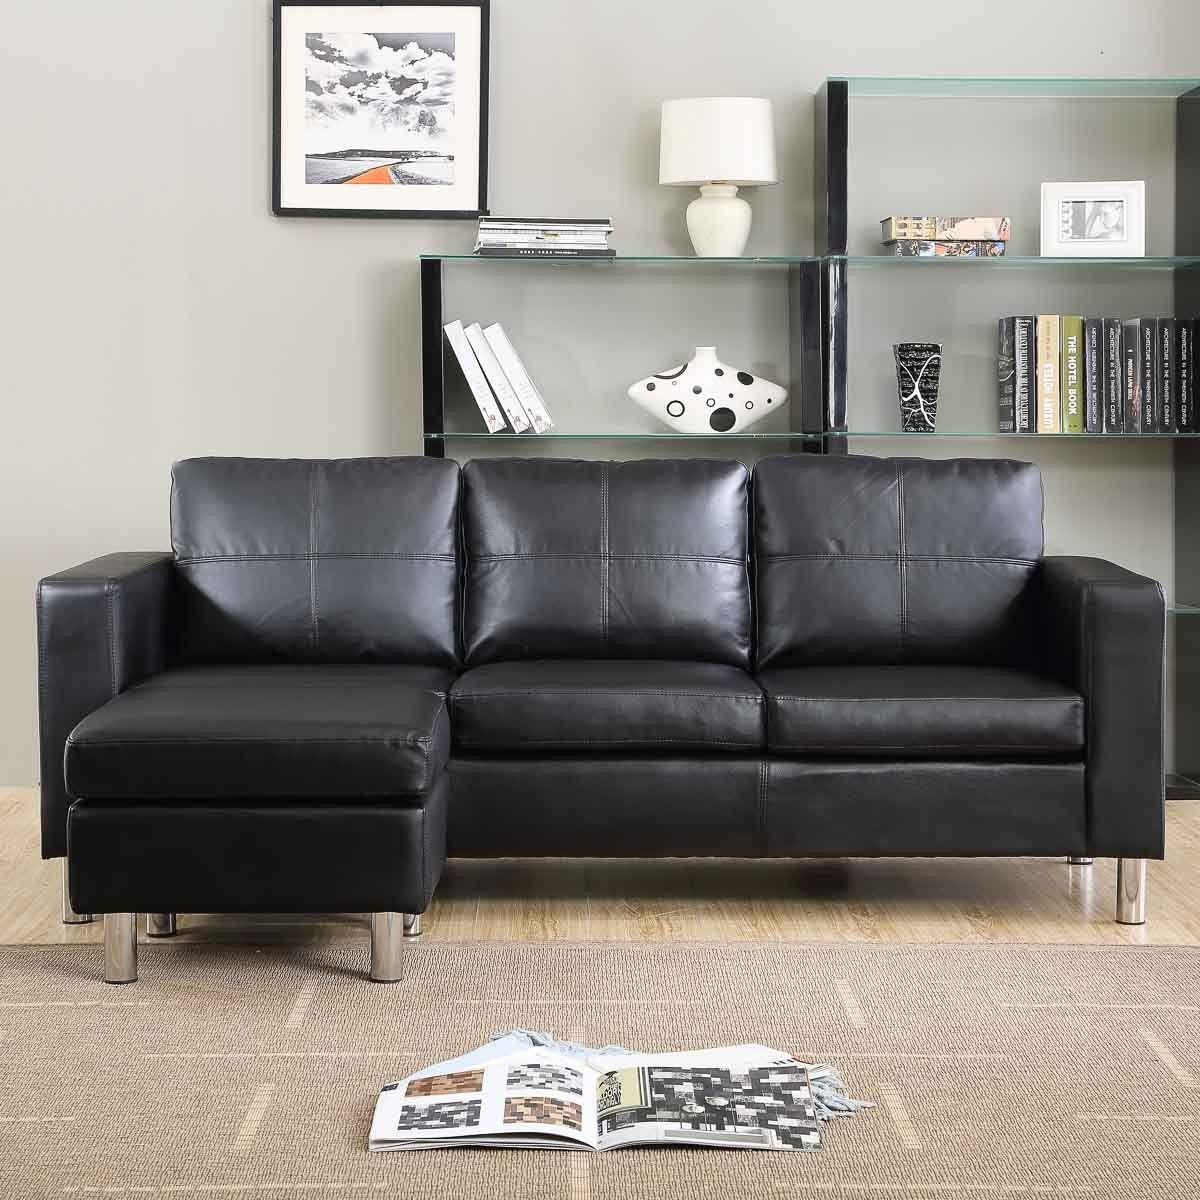 Divano angolare Roma con pouf 205 cm ecopelle bianco nero 3 posti soggiorno letto